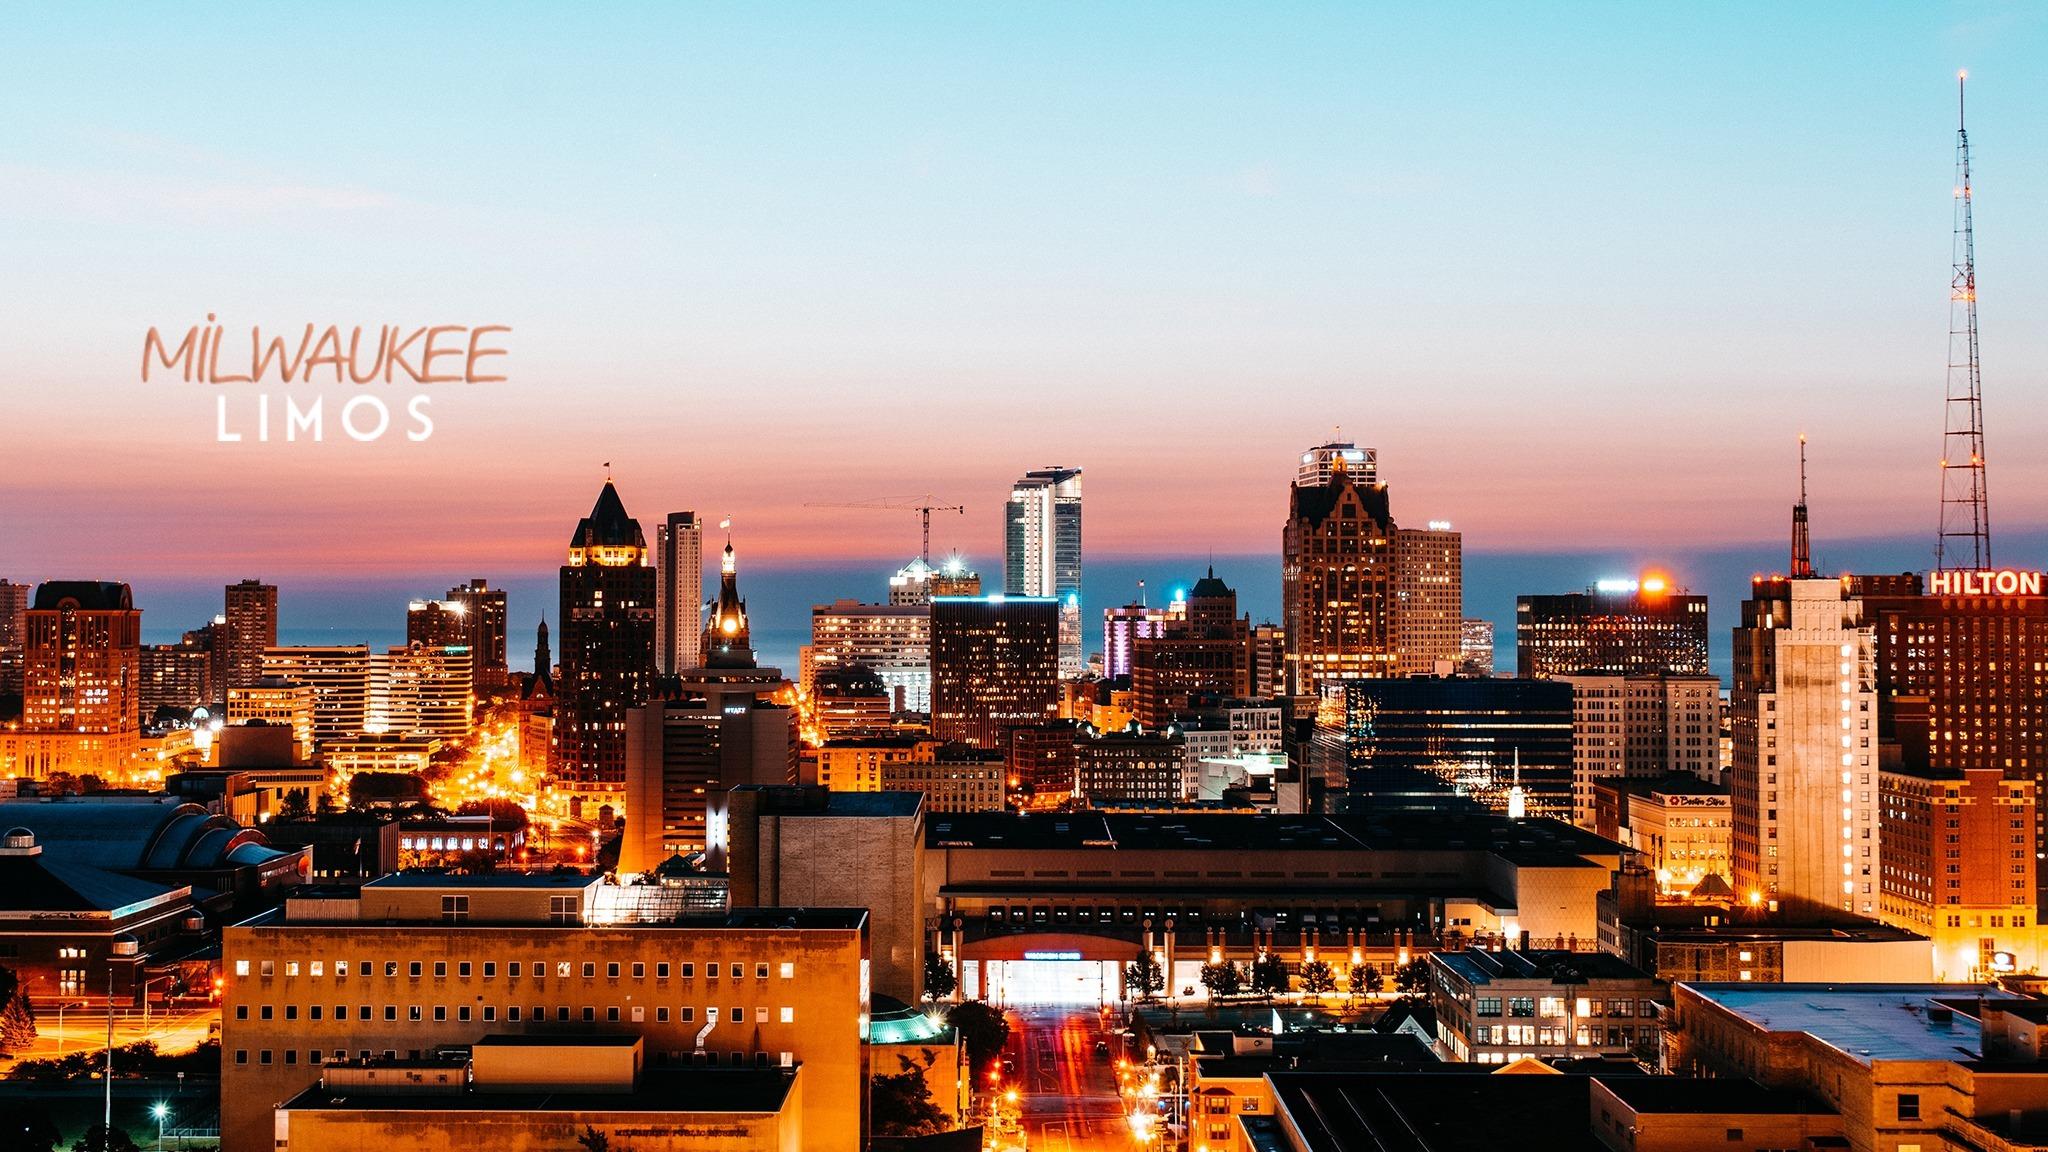 Milwaukee Limos (@milwaukeelimos) Cover Image